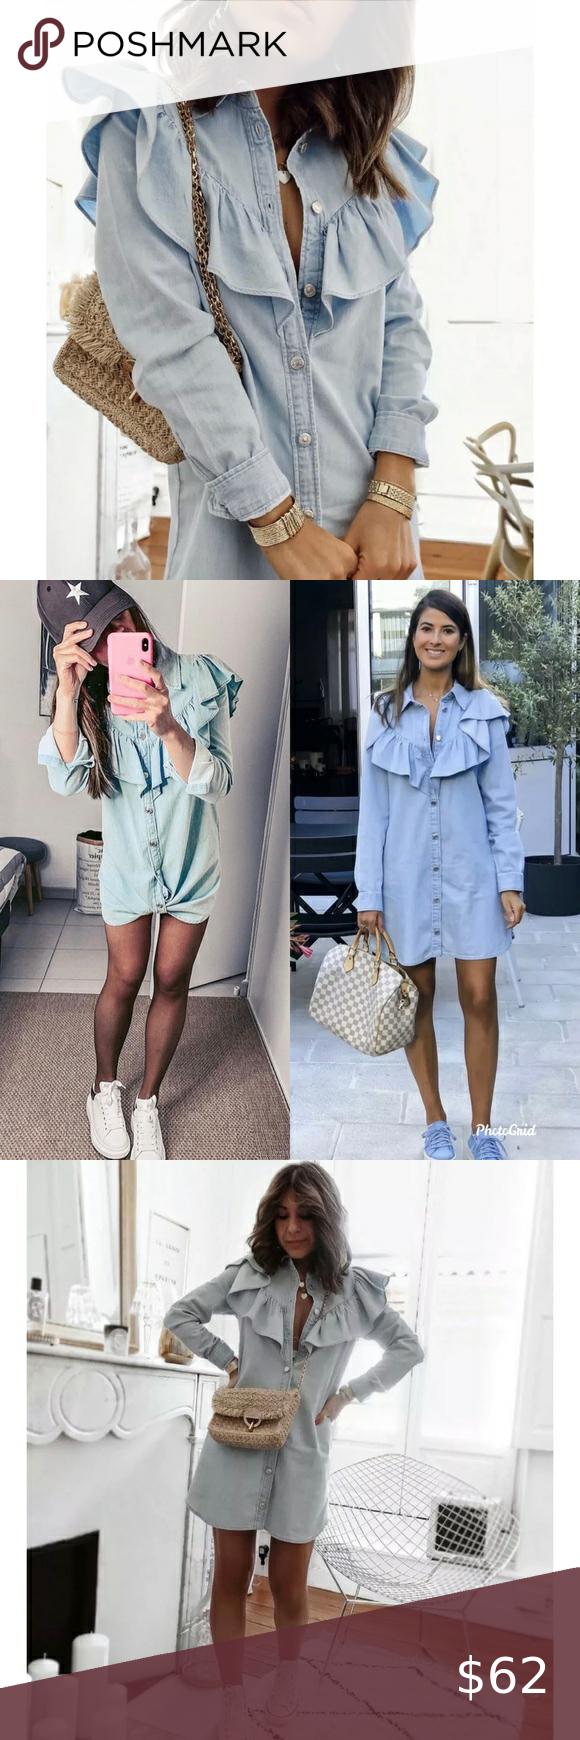 NWT Zara Shirt Collar Denim Mini Dress Blue S Zara Shirt Collar ...